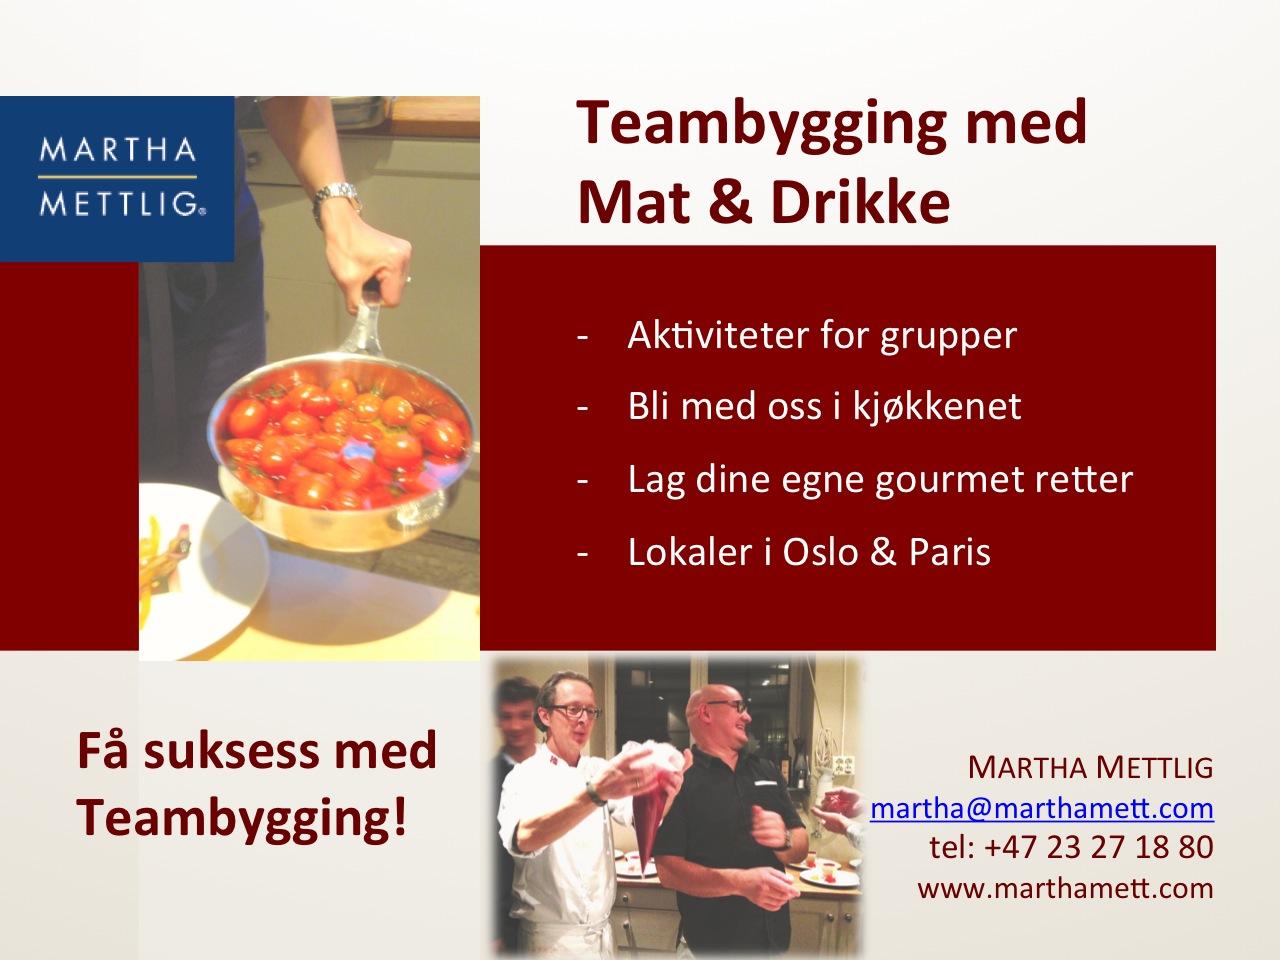 Teambygging med Mat i Munnen hos Martha Mettlig